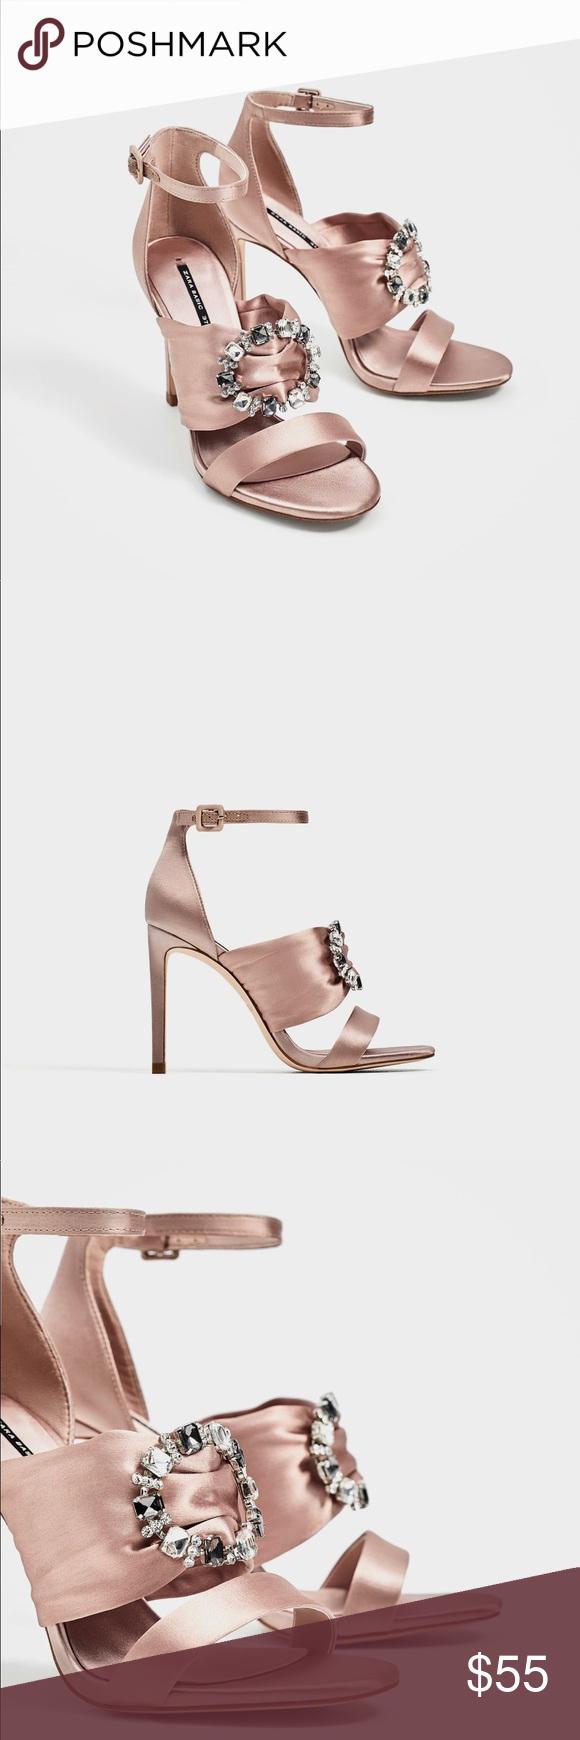 1af4ff5ca8f ZARA satin high heel sandal US 8 EU 39 new ZARA Satin high heel sandals US size  8 EU size 39 Strap over the instep with diamanté brooch. Buckled ankle strap  ...